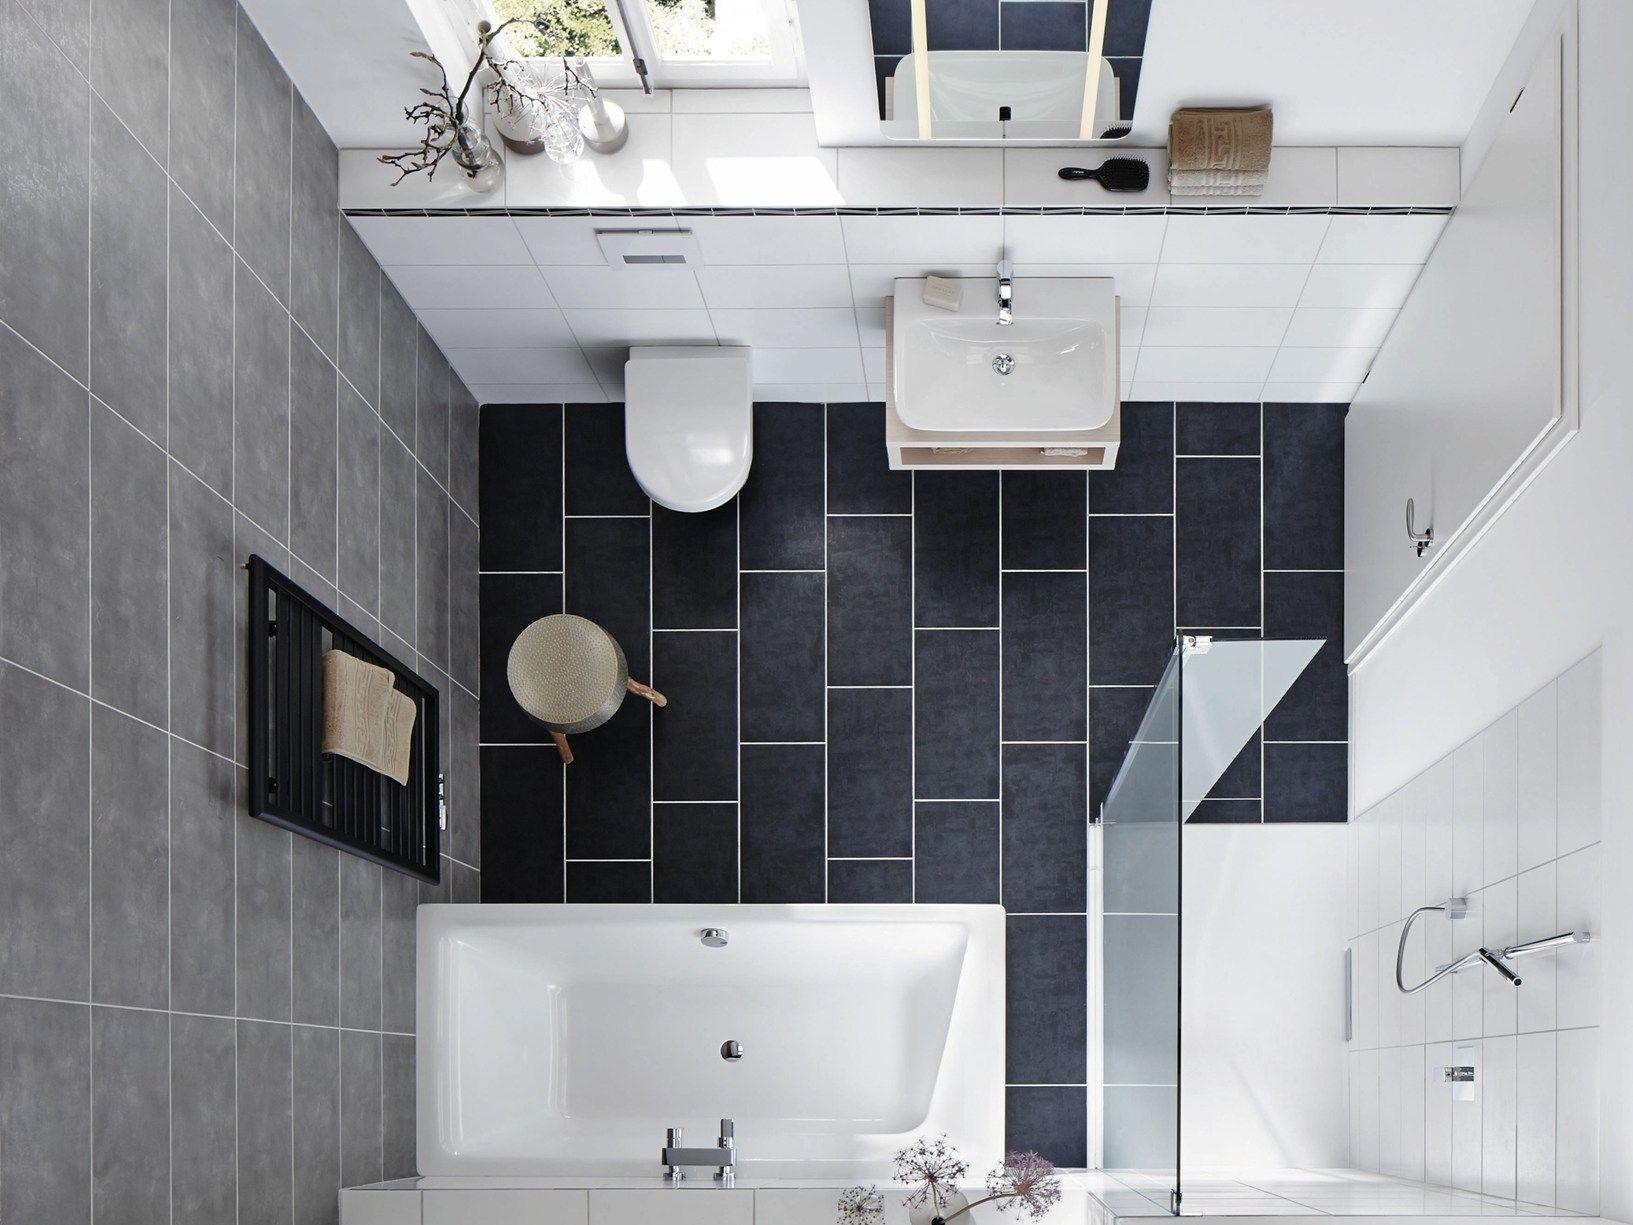 Vasca Da Bagno Piccola Design : Vasche da bagno e piatti doccia a filo pavimento kaldewei